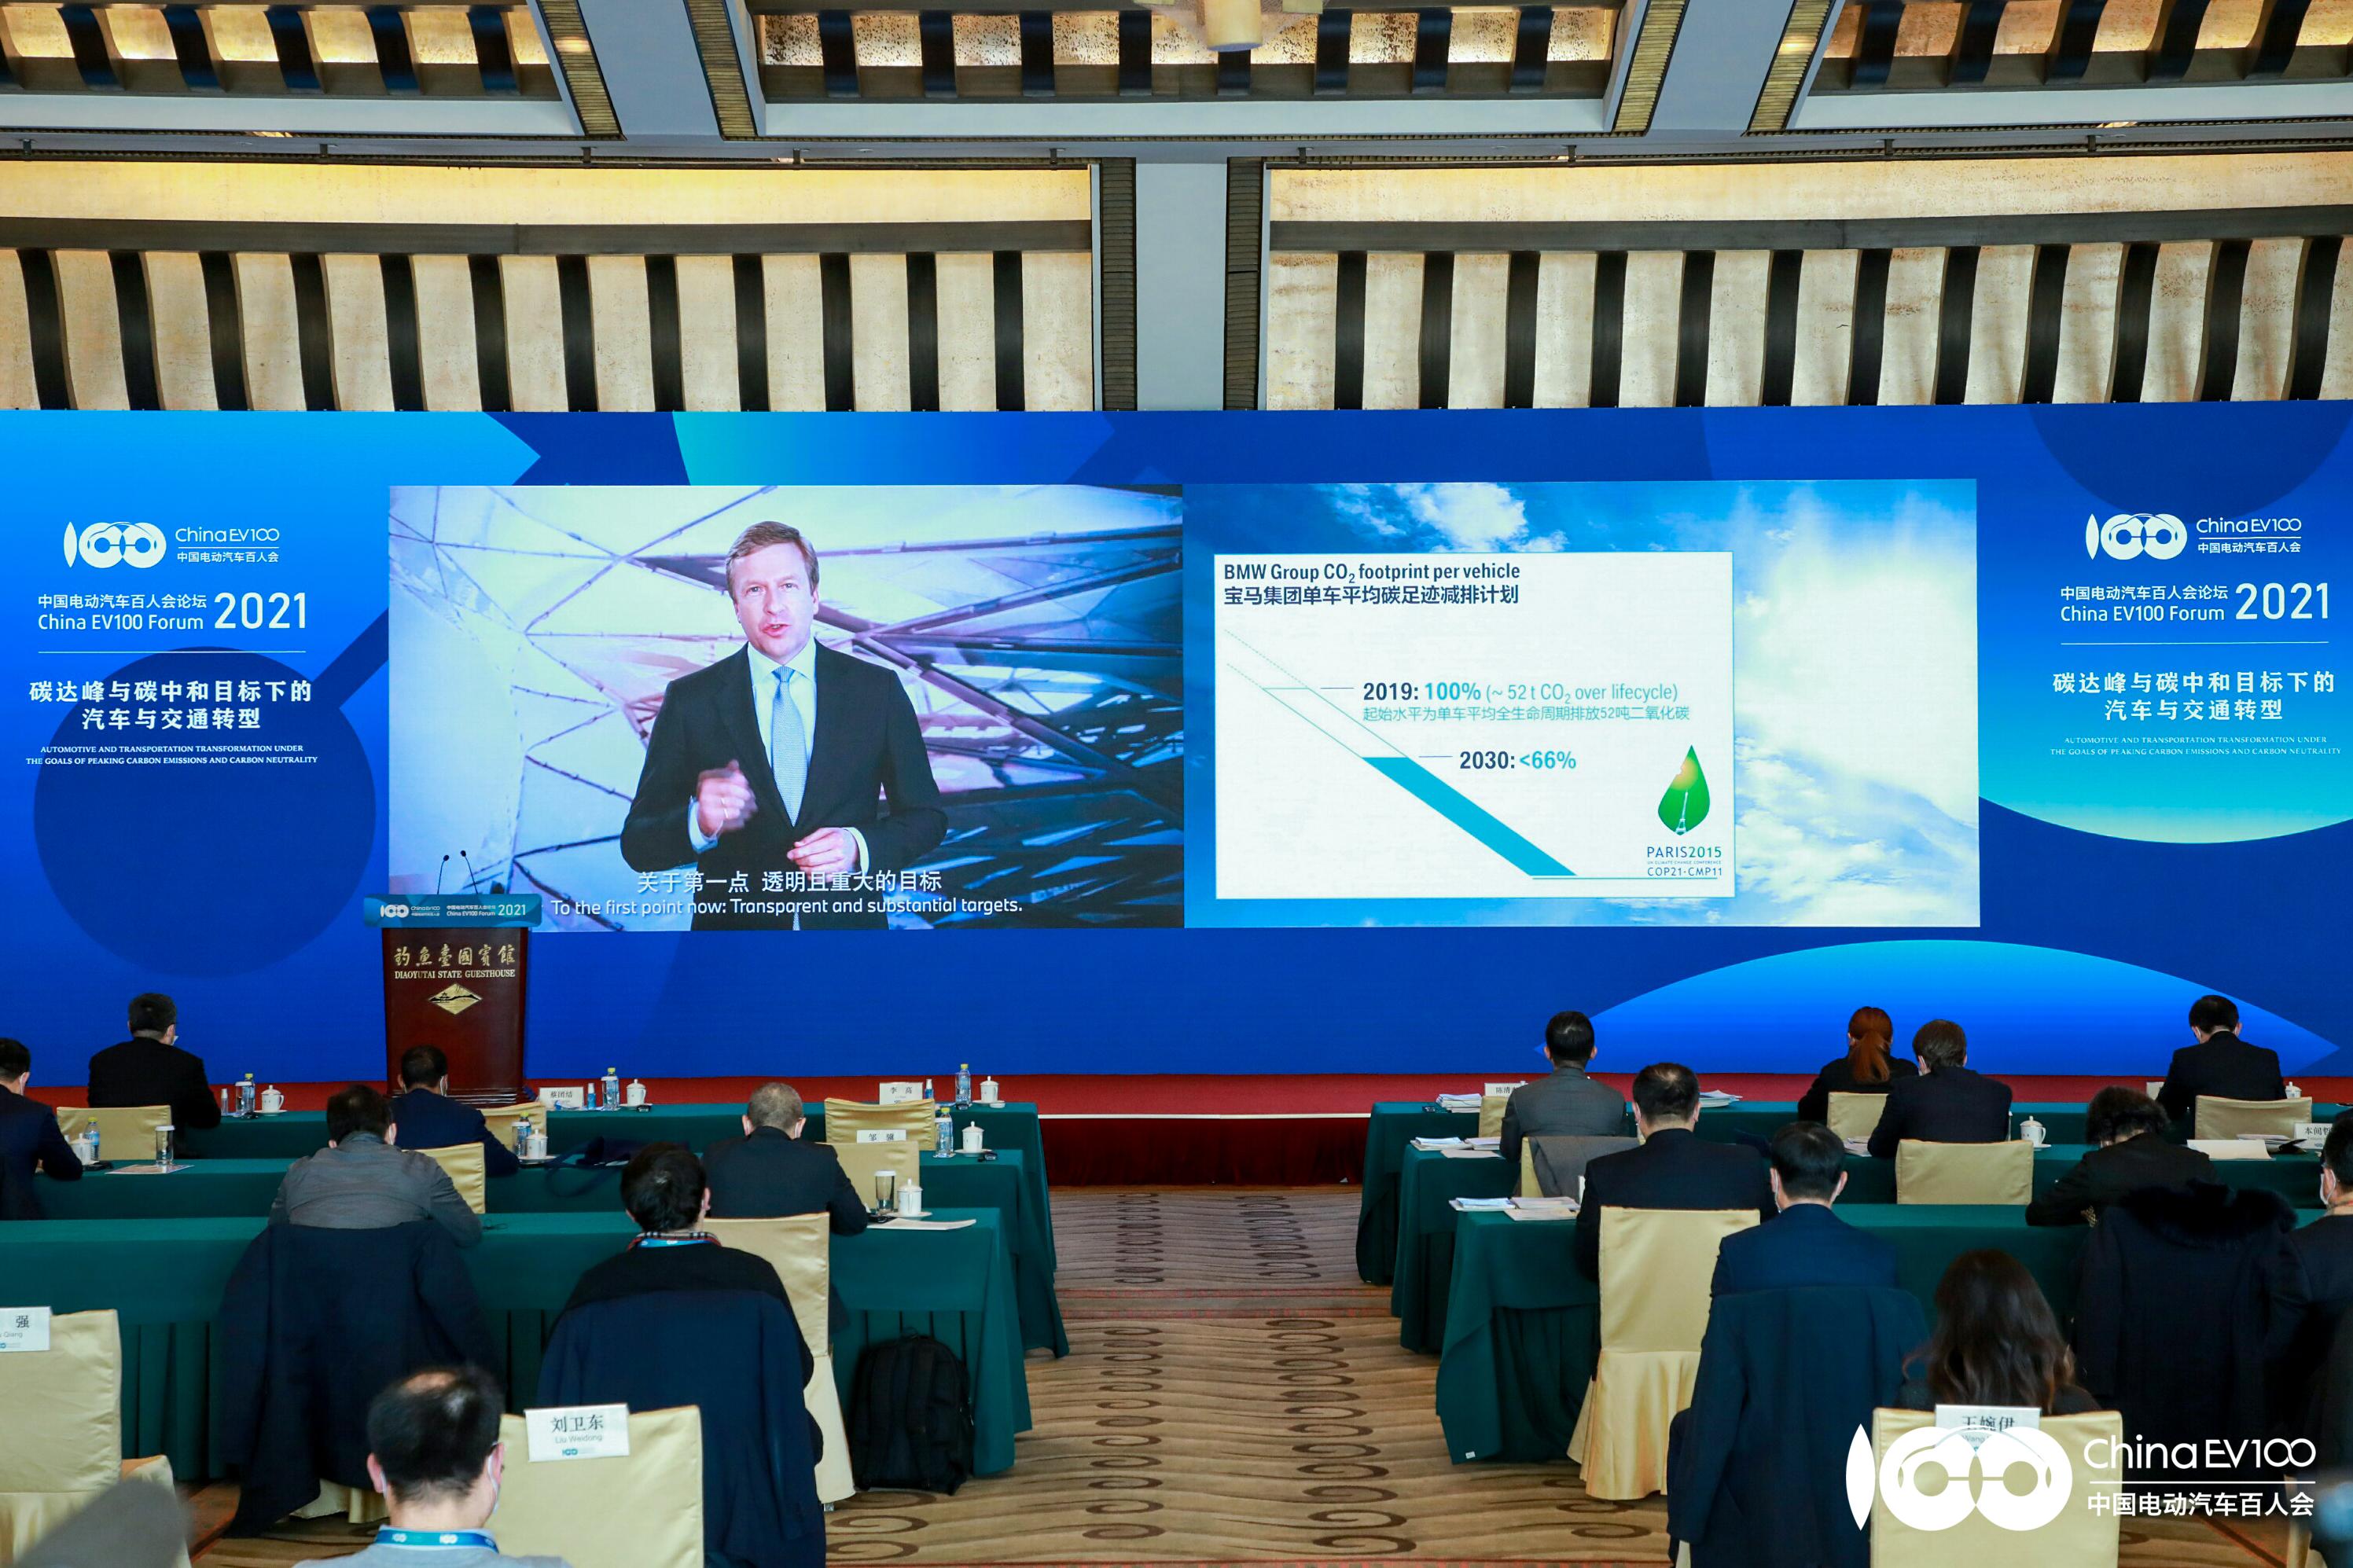 宝马齐普策:推出可持续产品,计划今年纯电动车全球销售10万辆